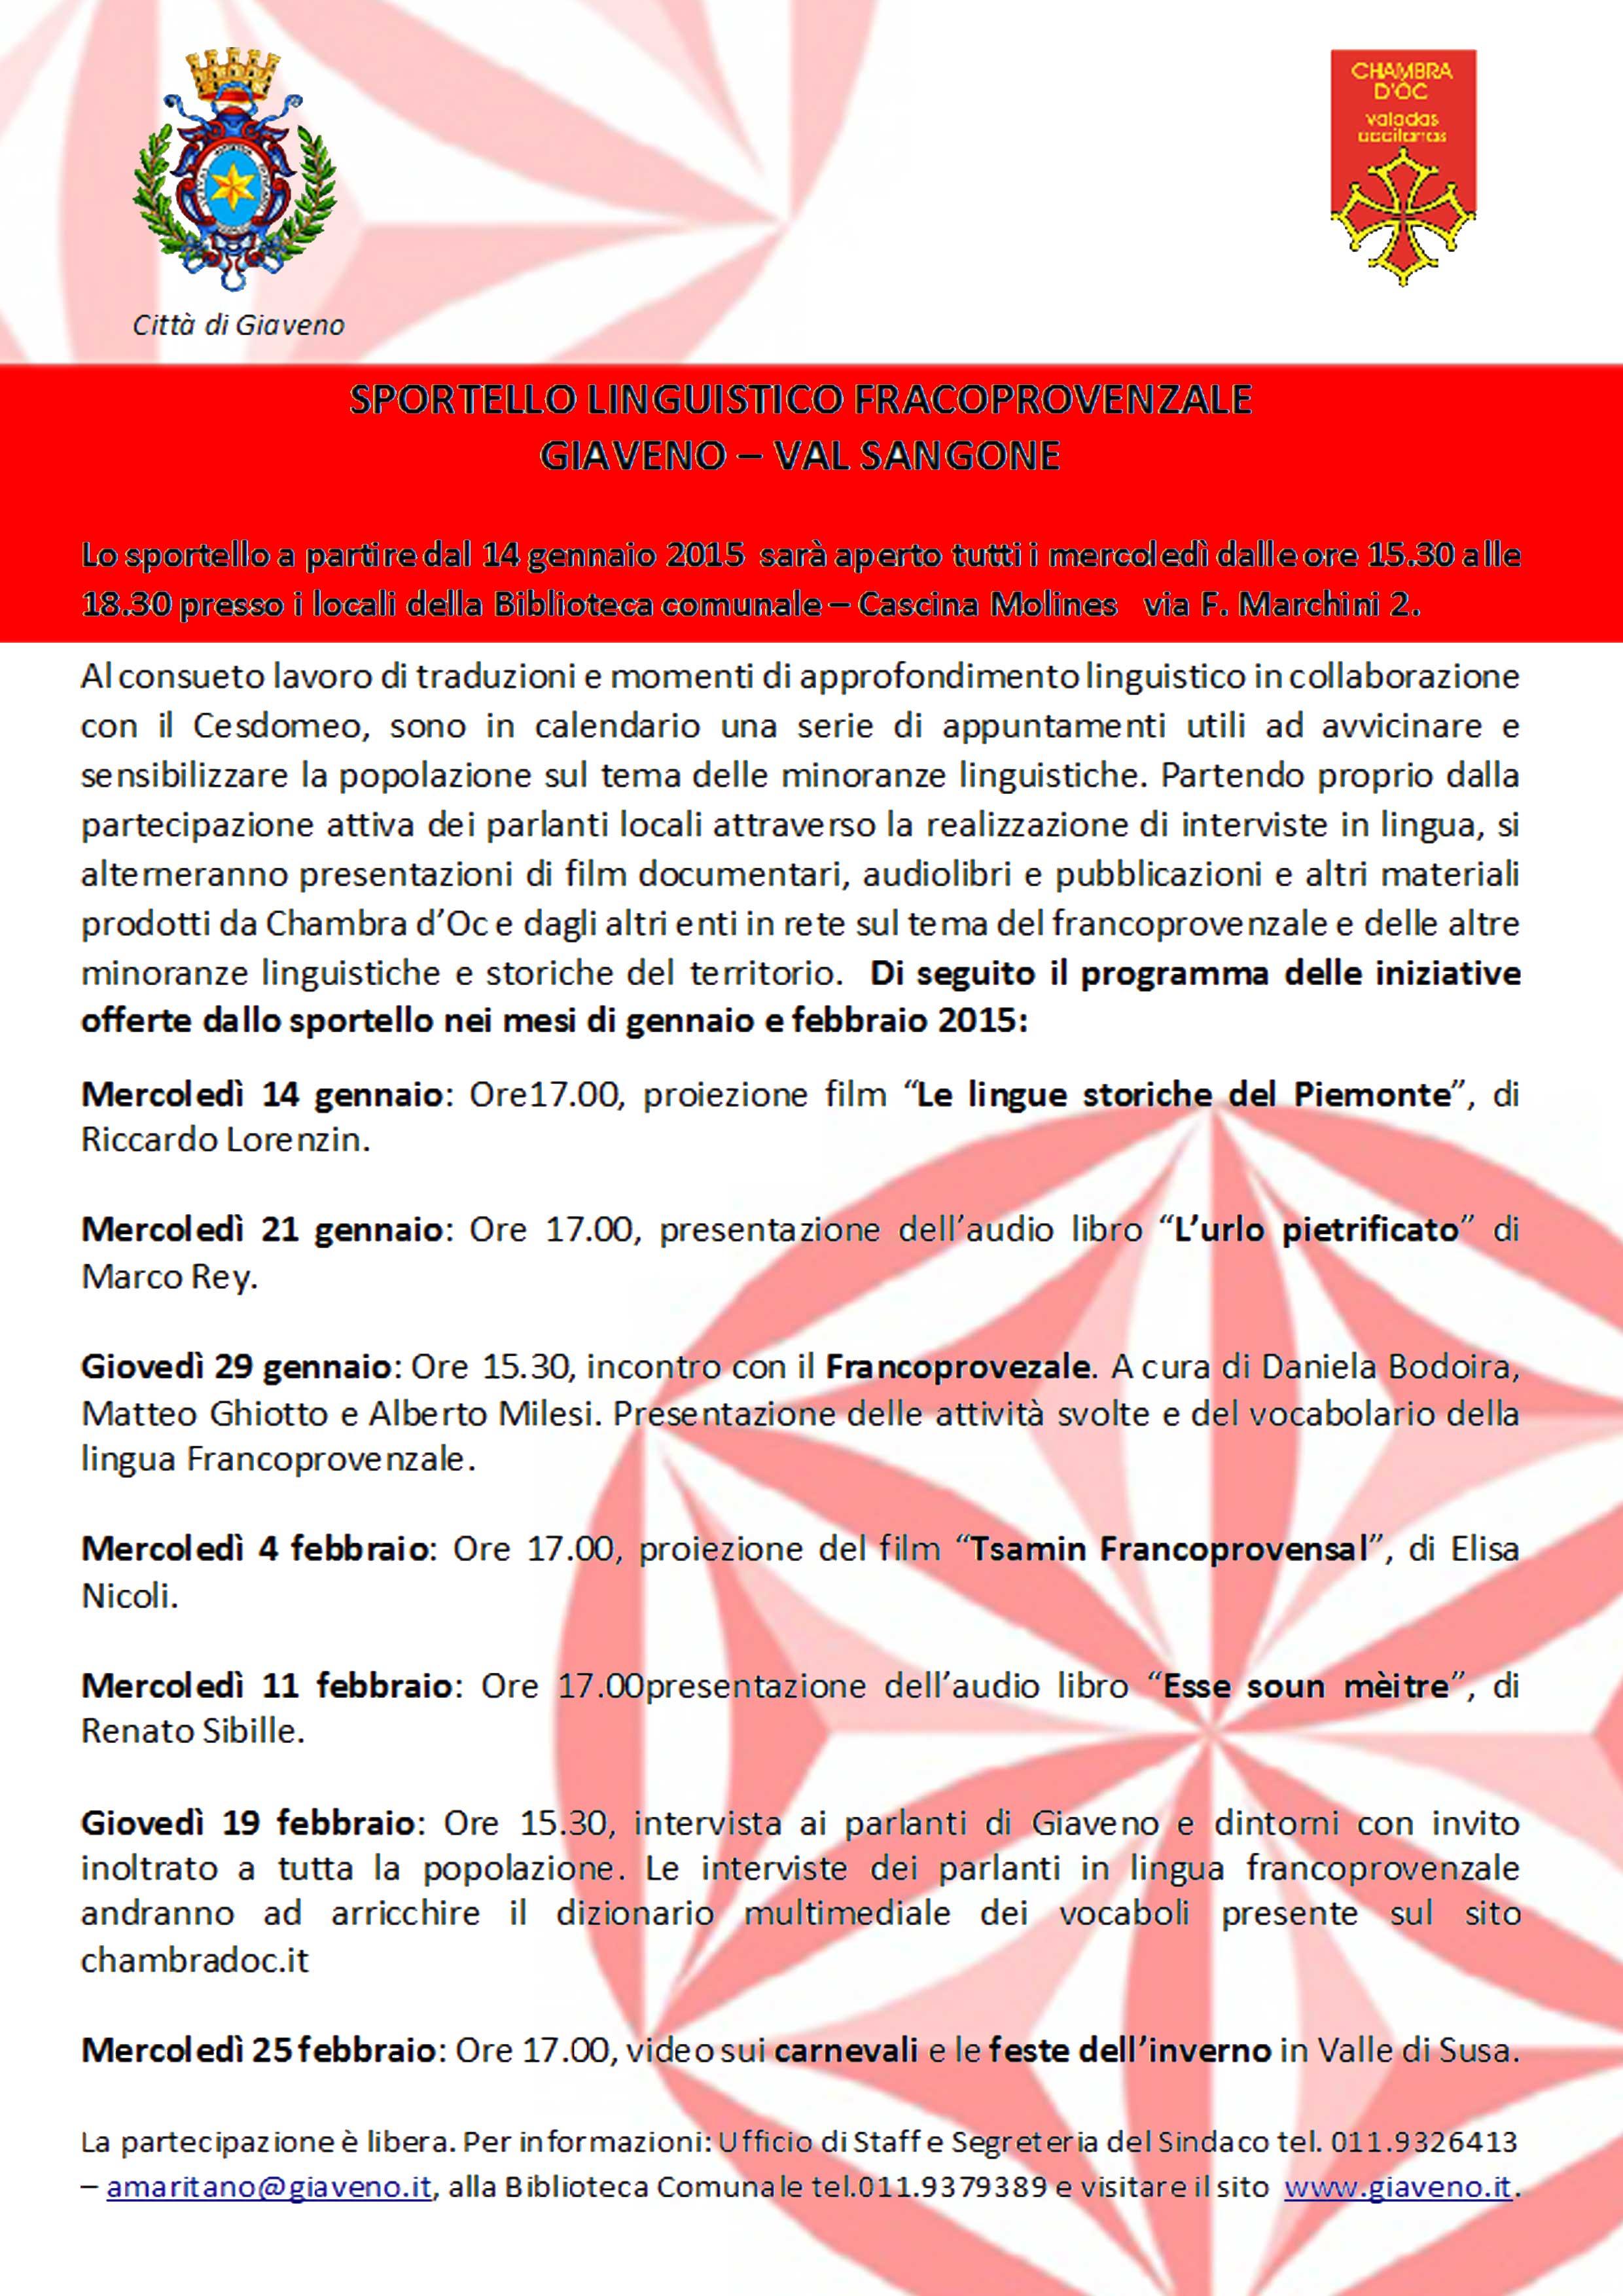 Programma di gennaio e febbraio 2015 dello Sportello francoprovenzale